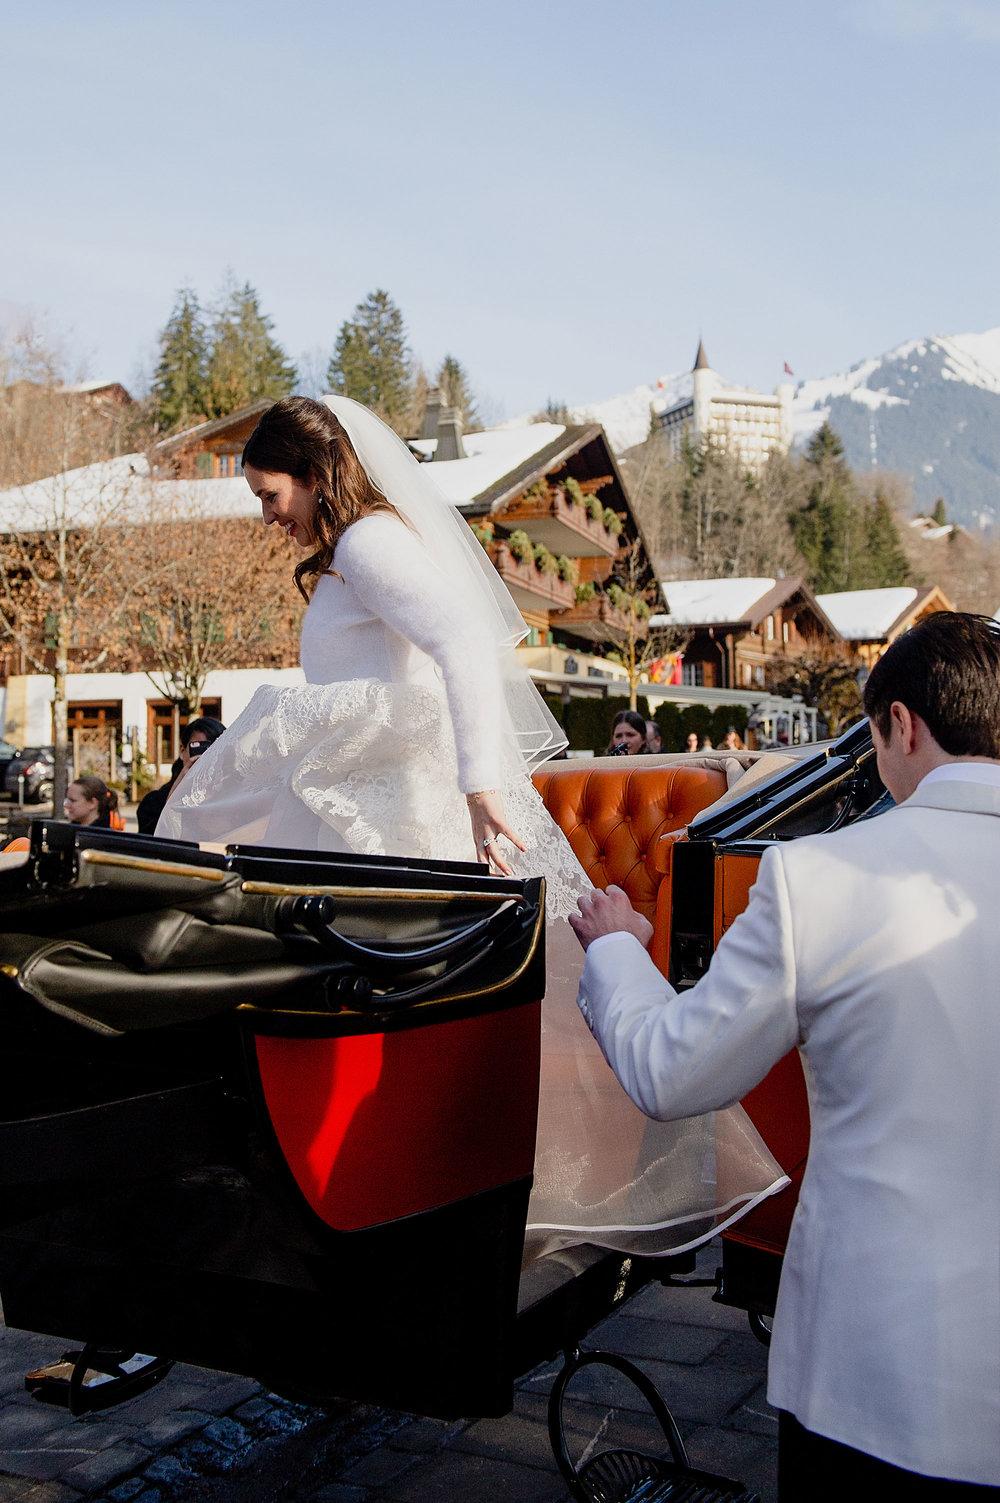 karin_tom_Gstaad_wedding-20.jpg